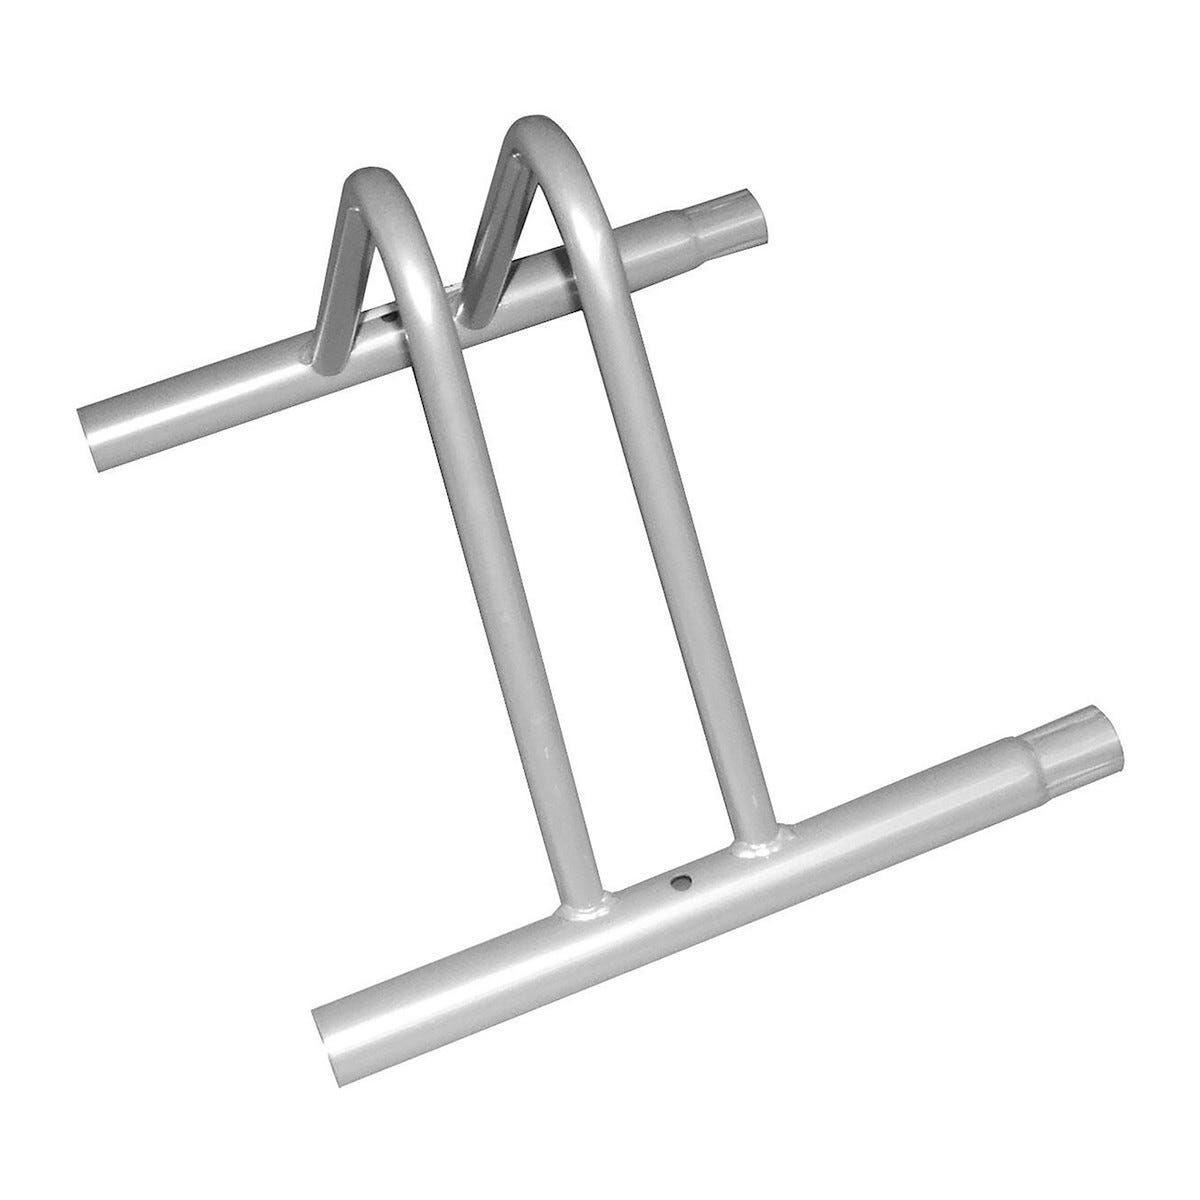 portabici a pavimento componibile 310x370 mm acciaio